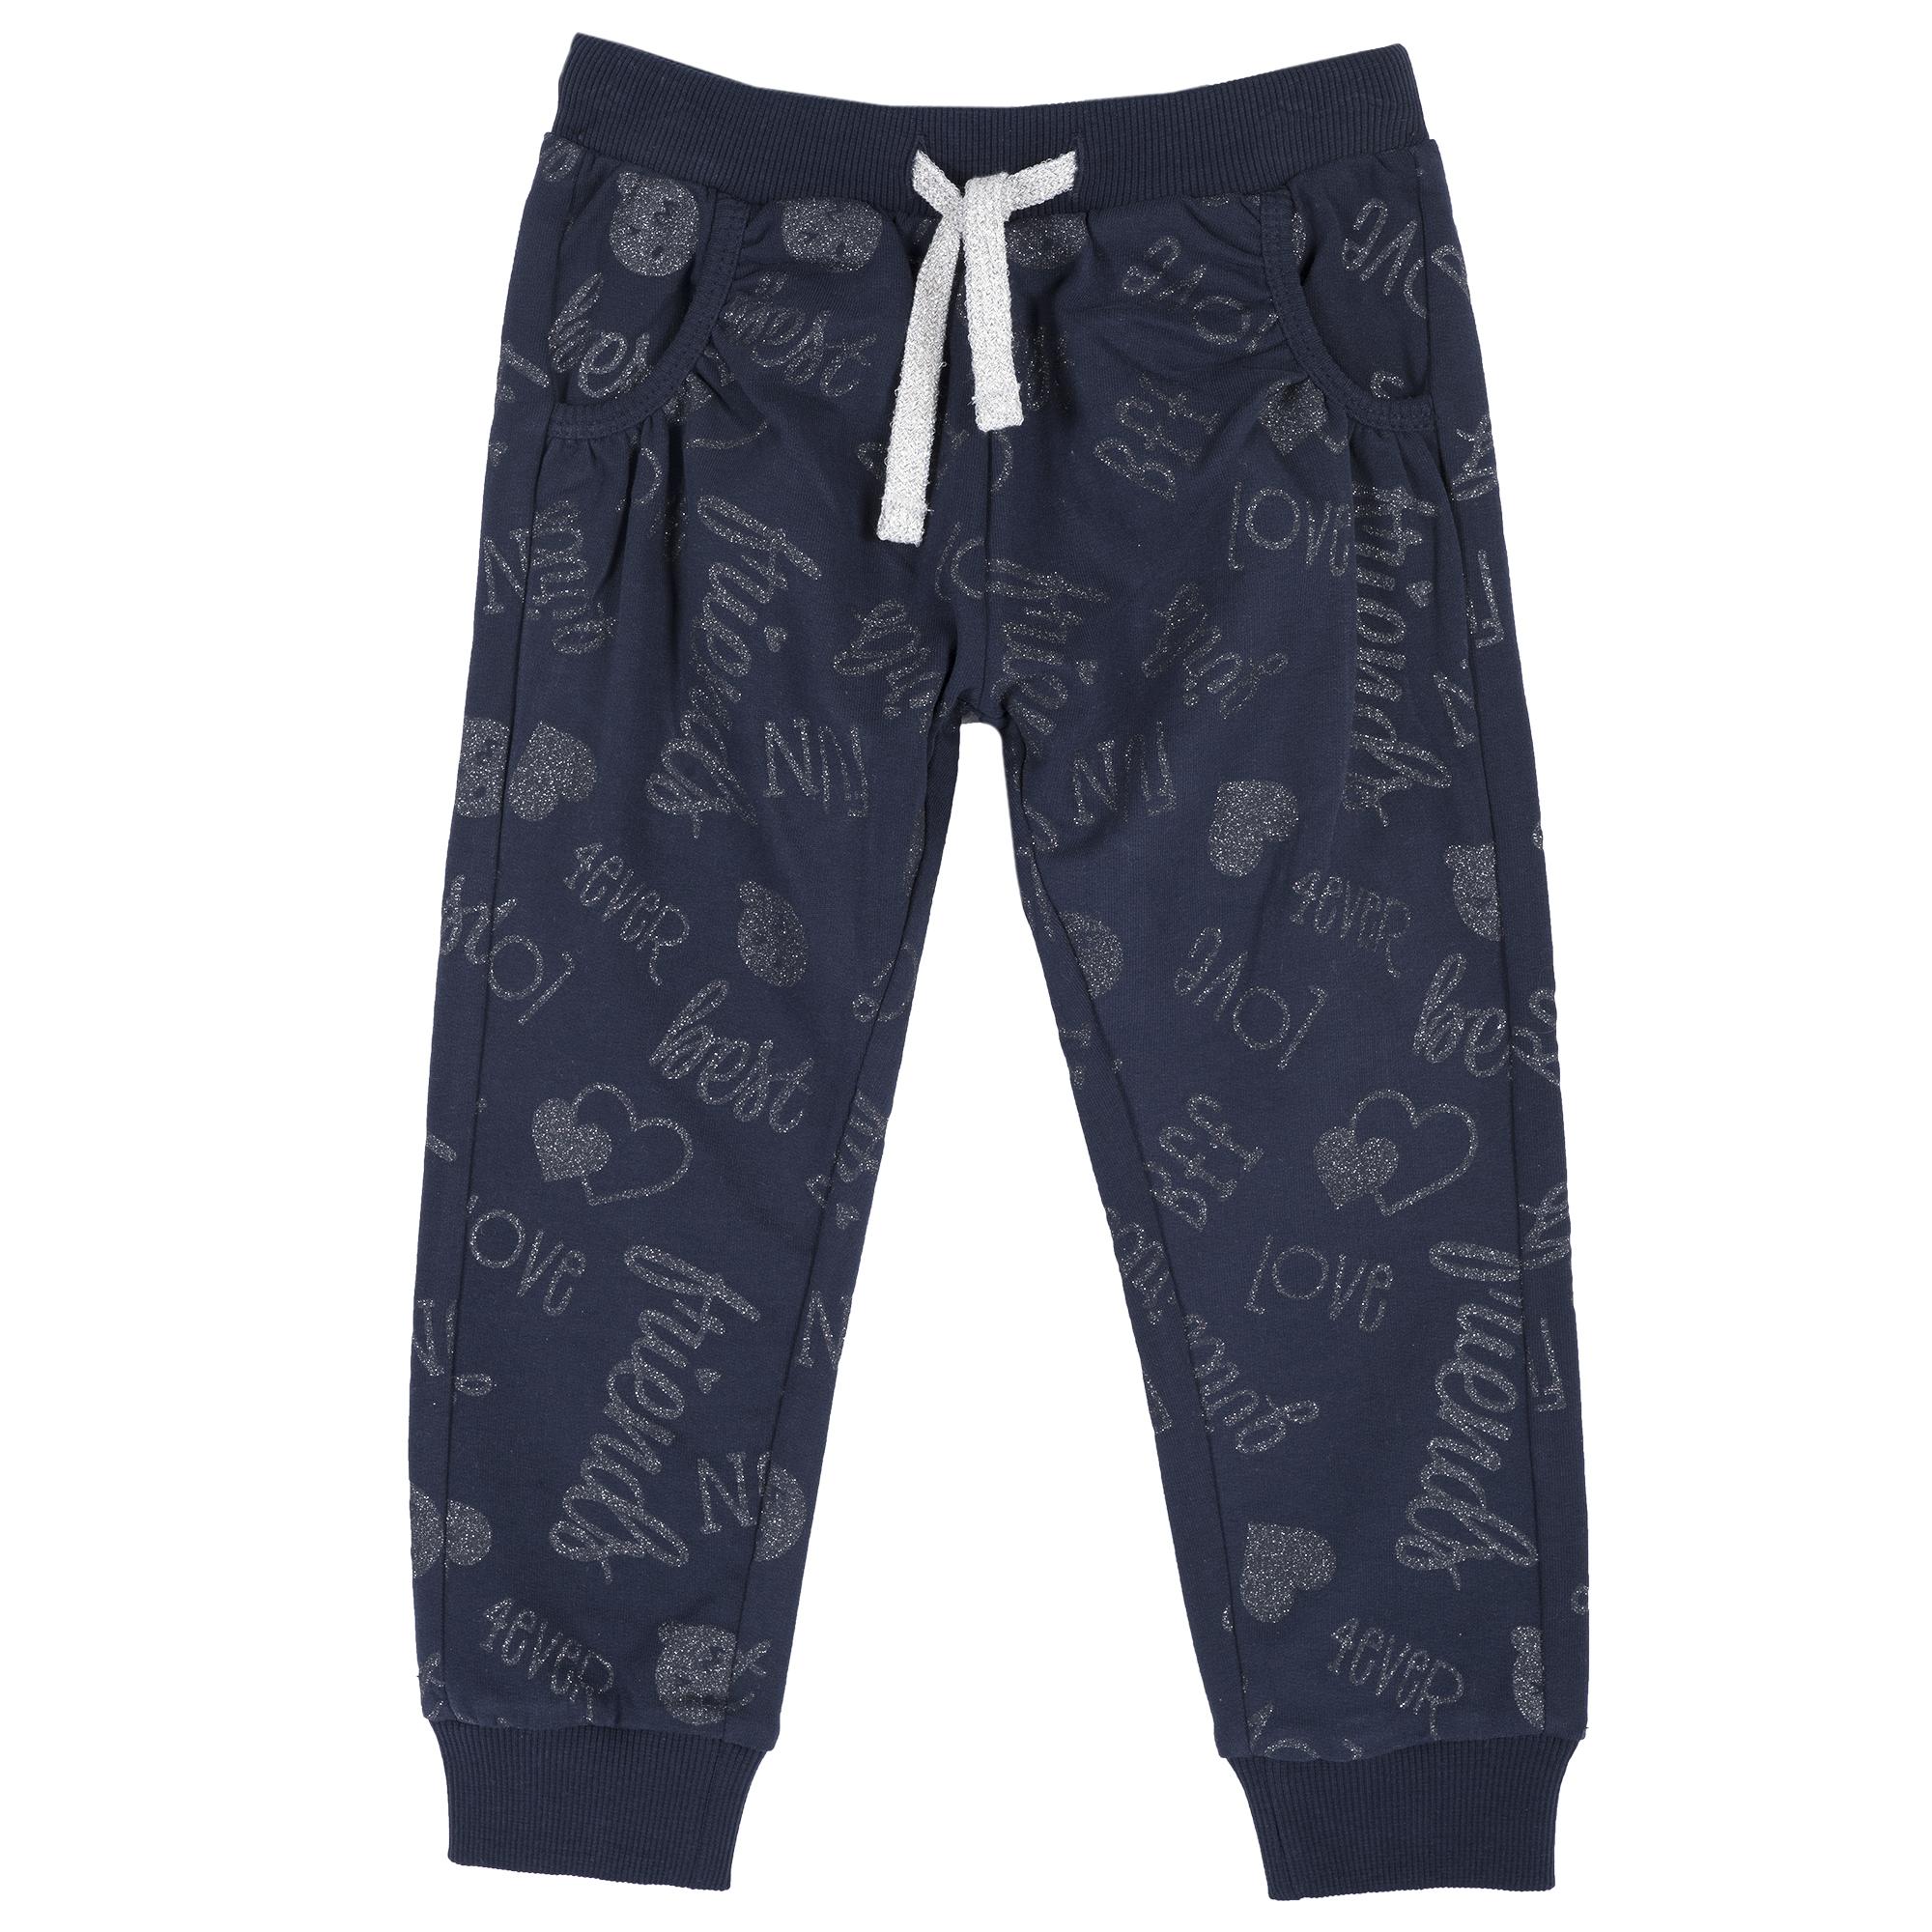 Pantaloni copii Chicco, bleumarin cu model, 08019 din categoria Pantaloni copii